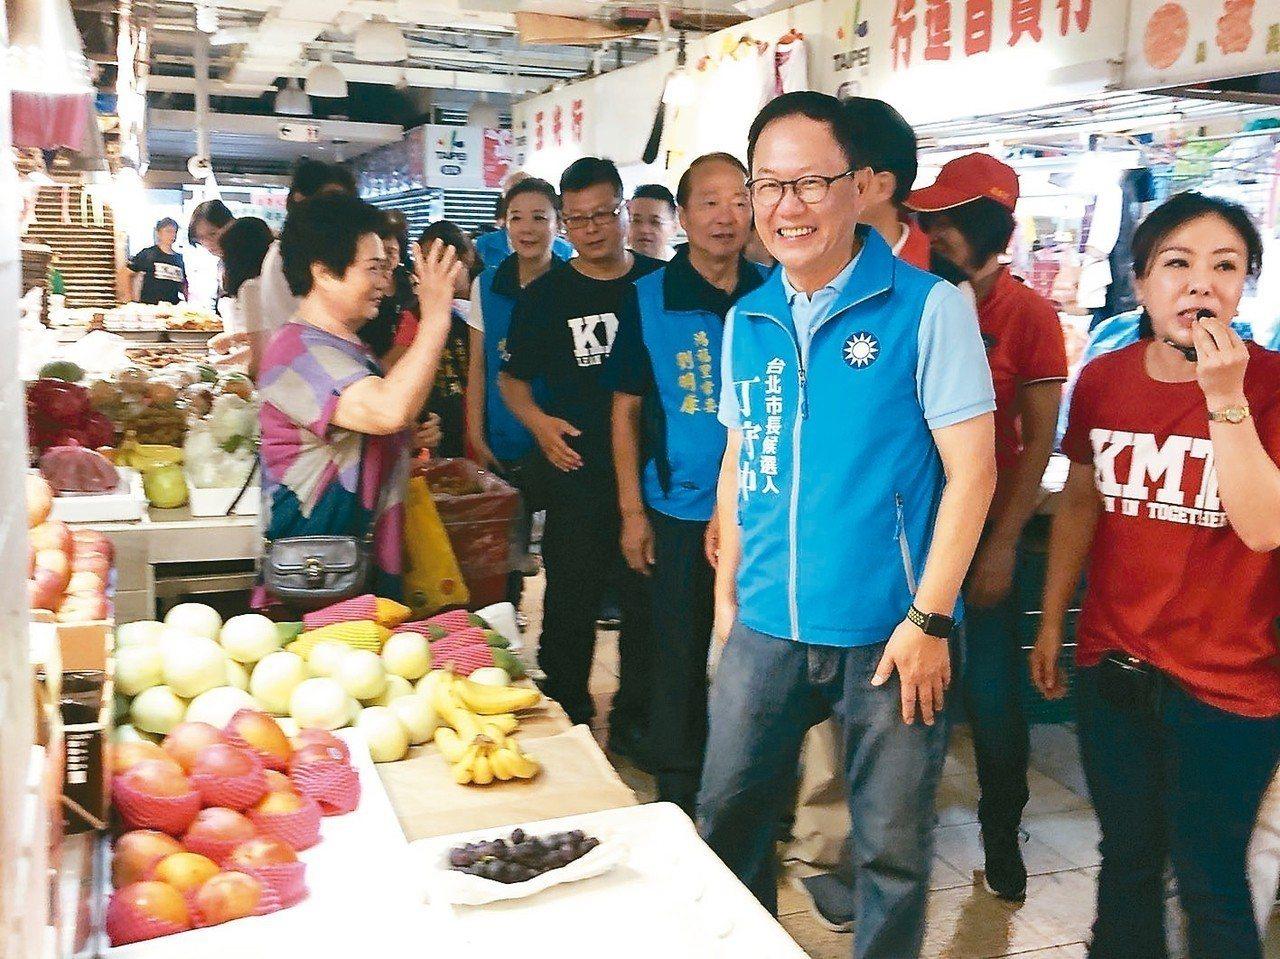 台北市長參選人丁守中日前赴南港區市場掃街拜票。 圖/聯合報系資料照片